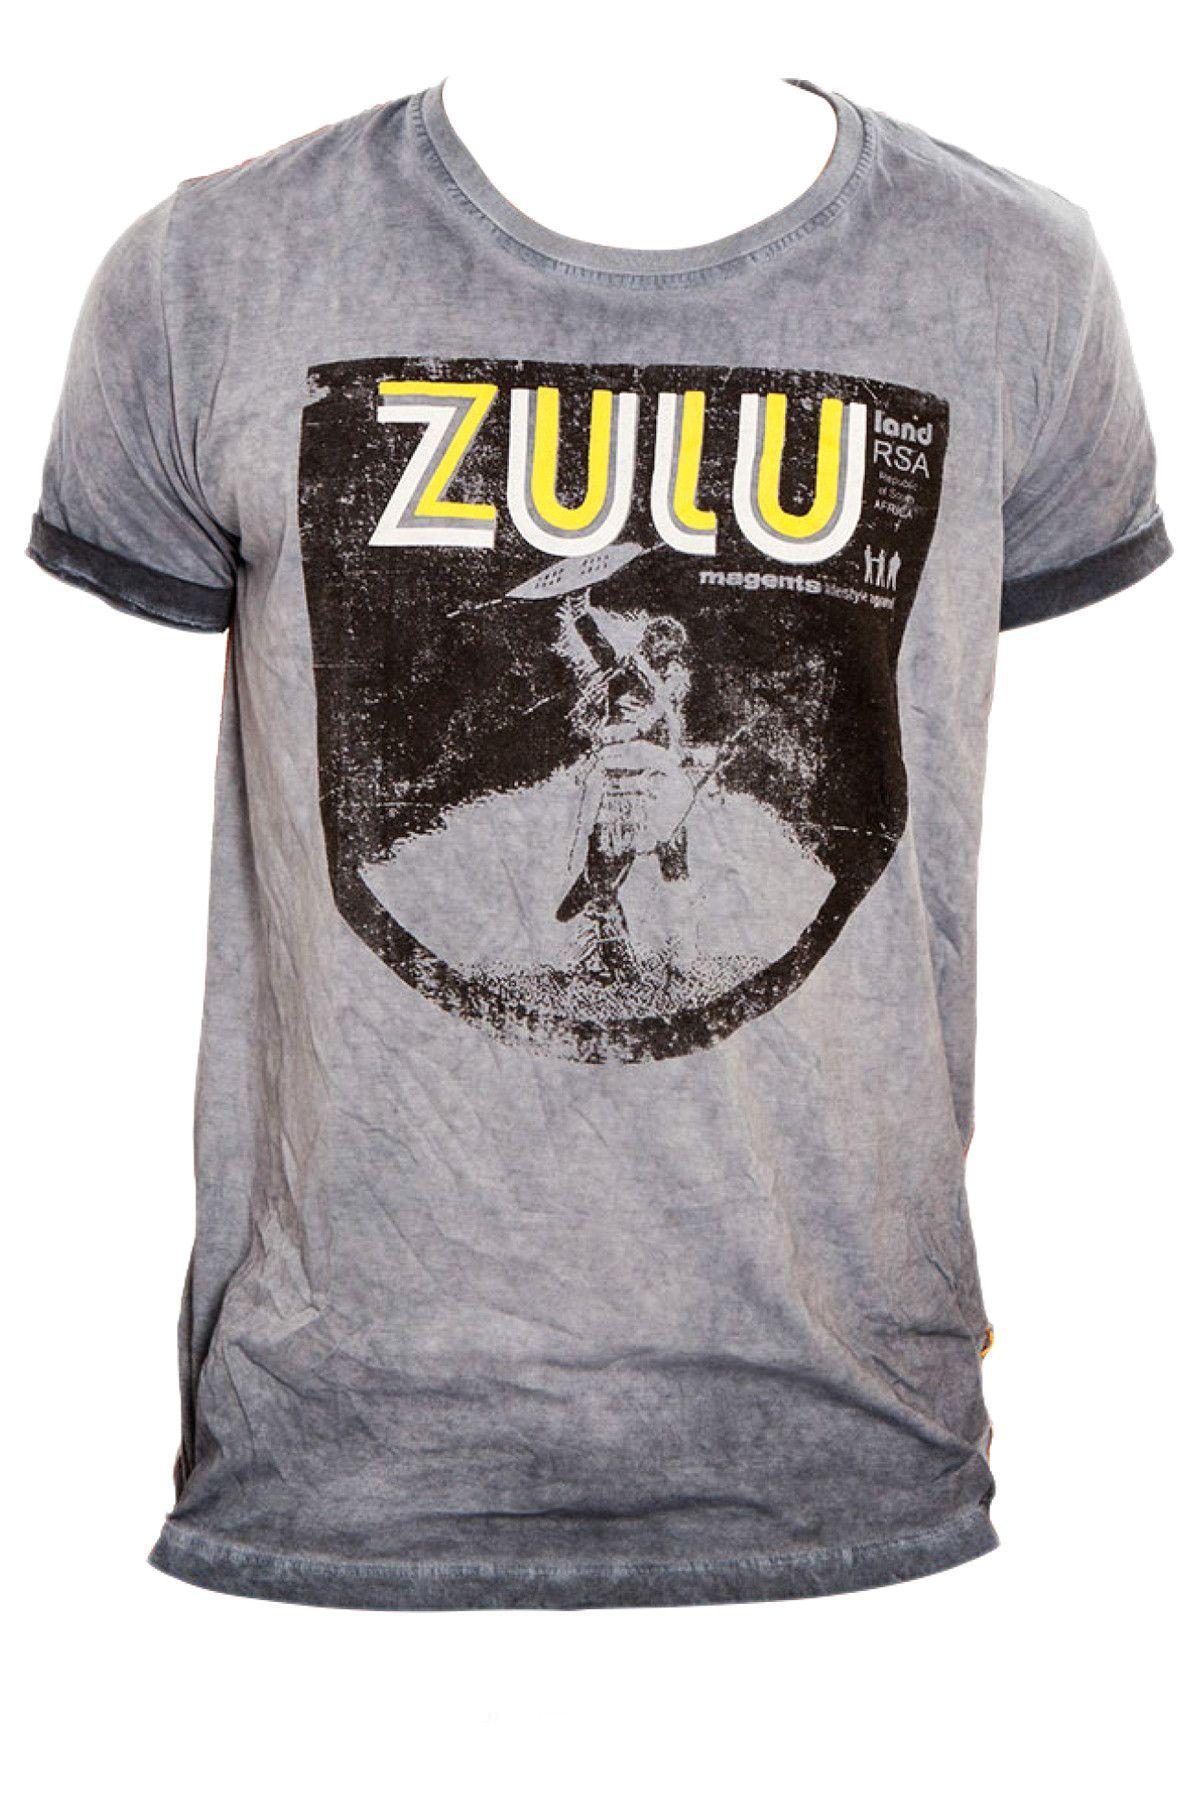 Magents Zululand TShirt T shirt, Shirts, Mens tops